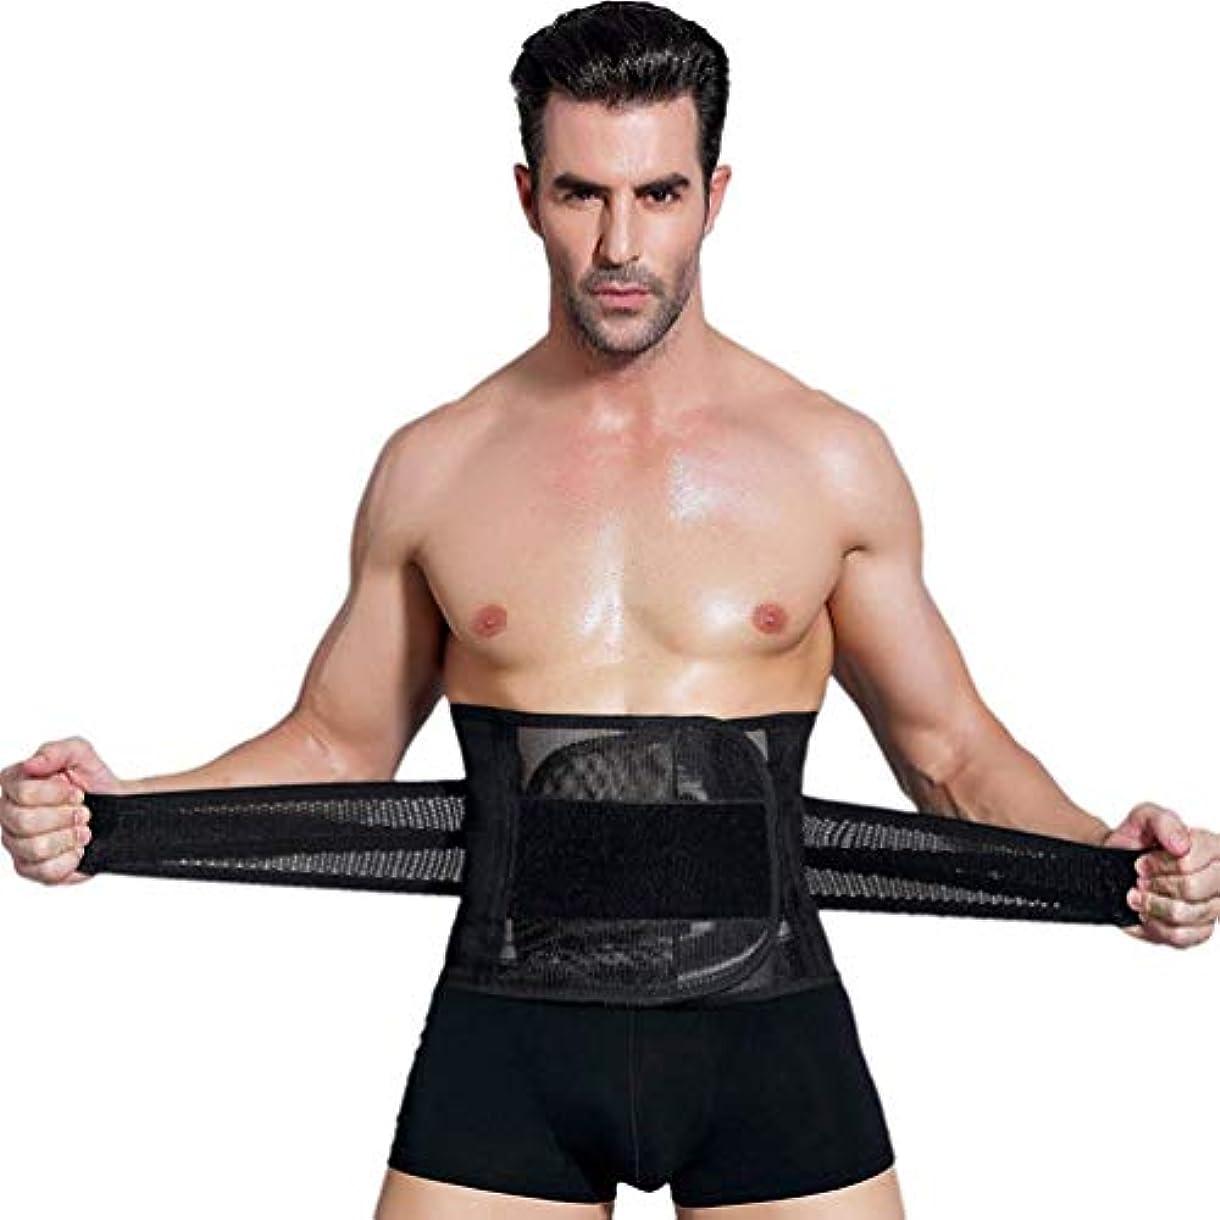 材料かまど特別な男性ボディシェイパーコルセット腹部おなかコントロールウエストトレーナーニッパー脂肪燃焼ガードル痩身腹ベルト用男性 - ブラックXXL